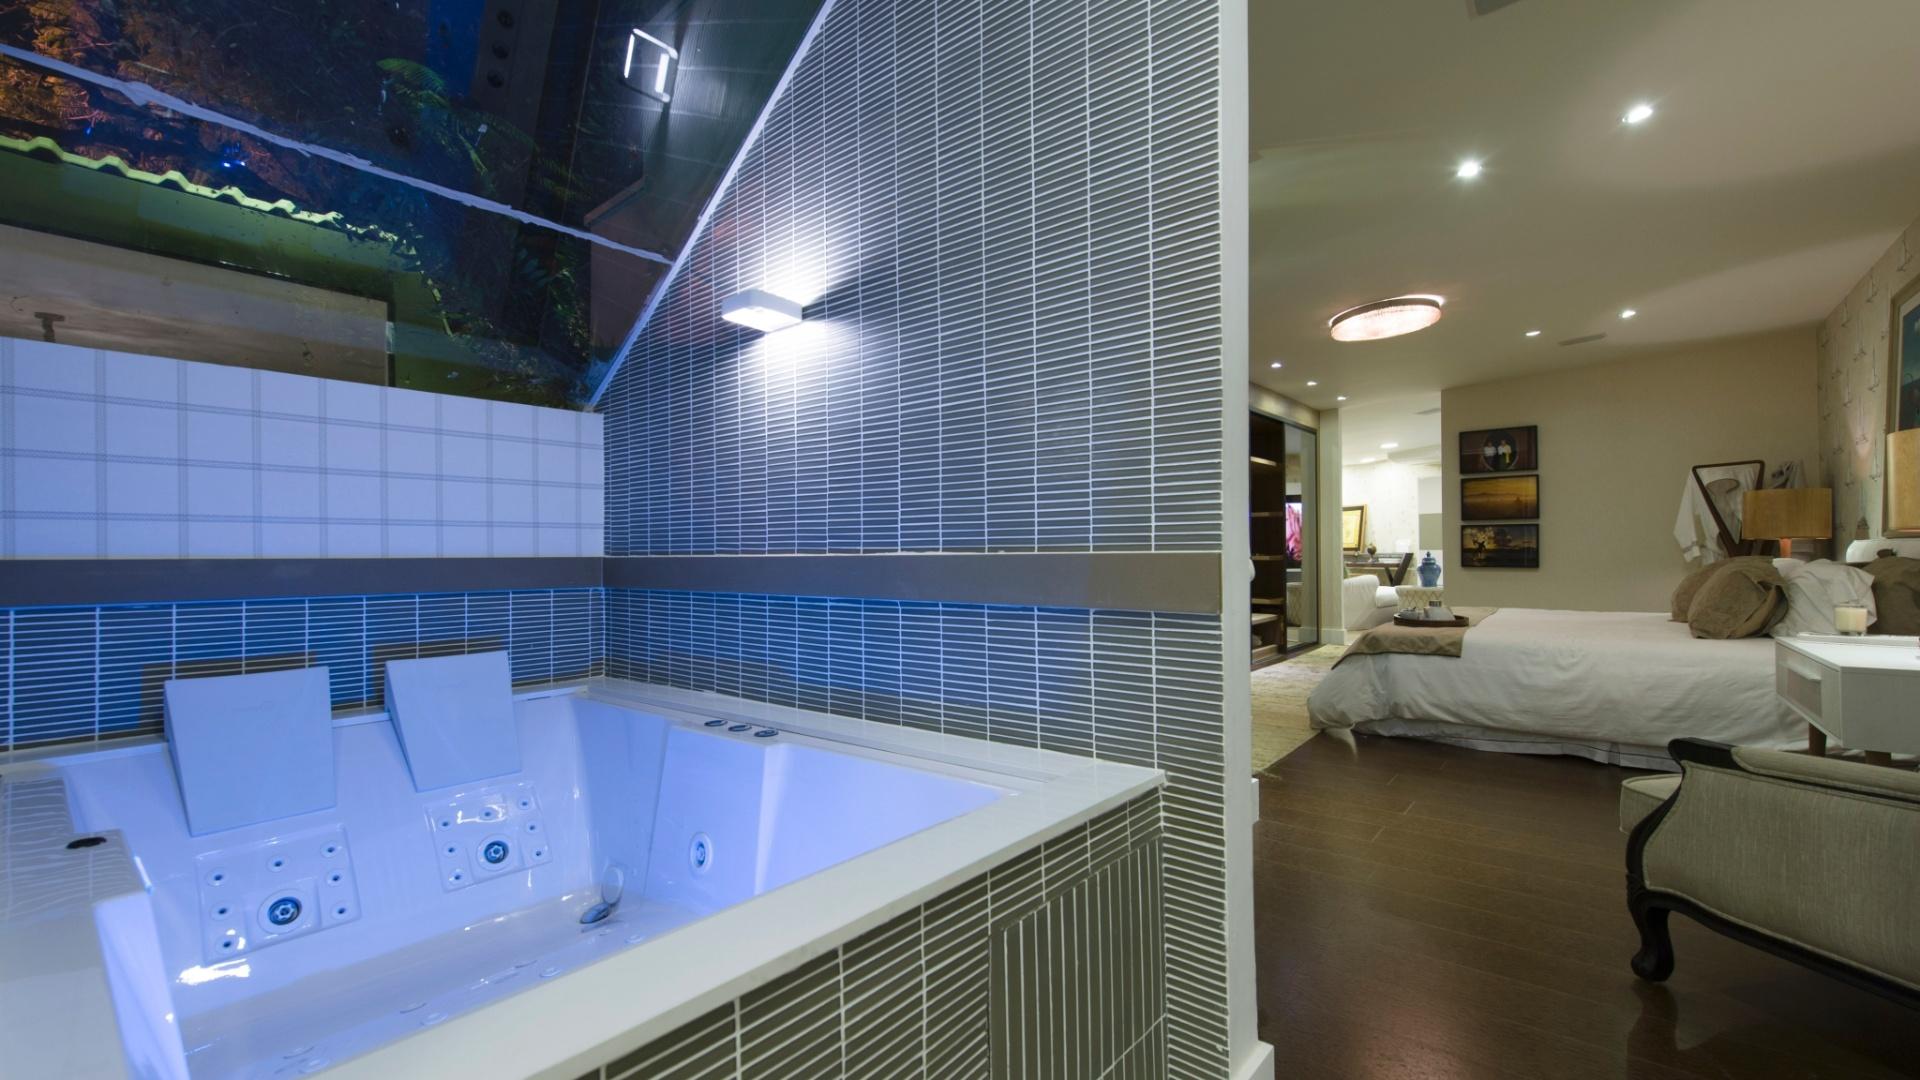 pela arquiteta Selma Tammaro o banheiro é integrado ao quarto  #2449A7 1920 1080